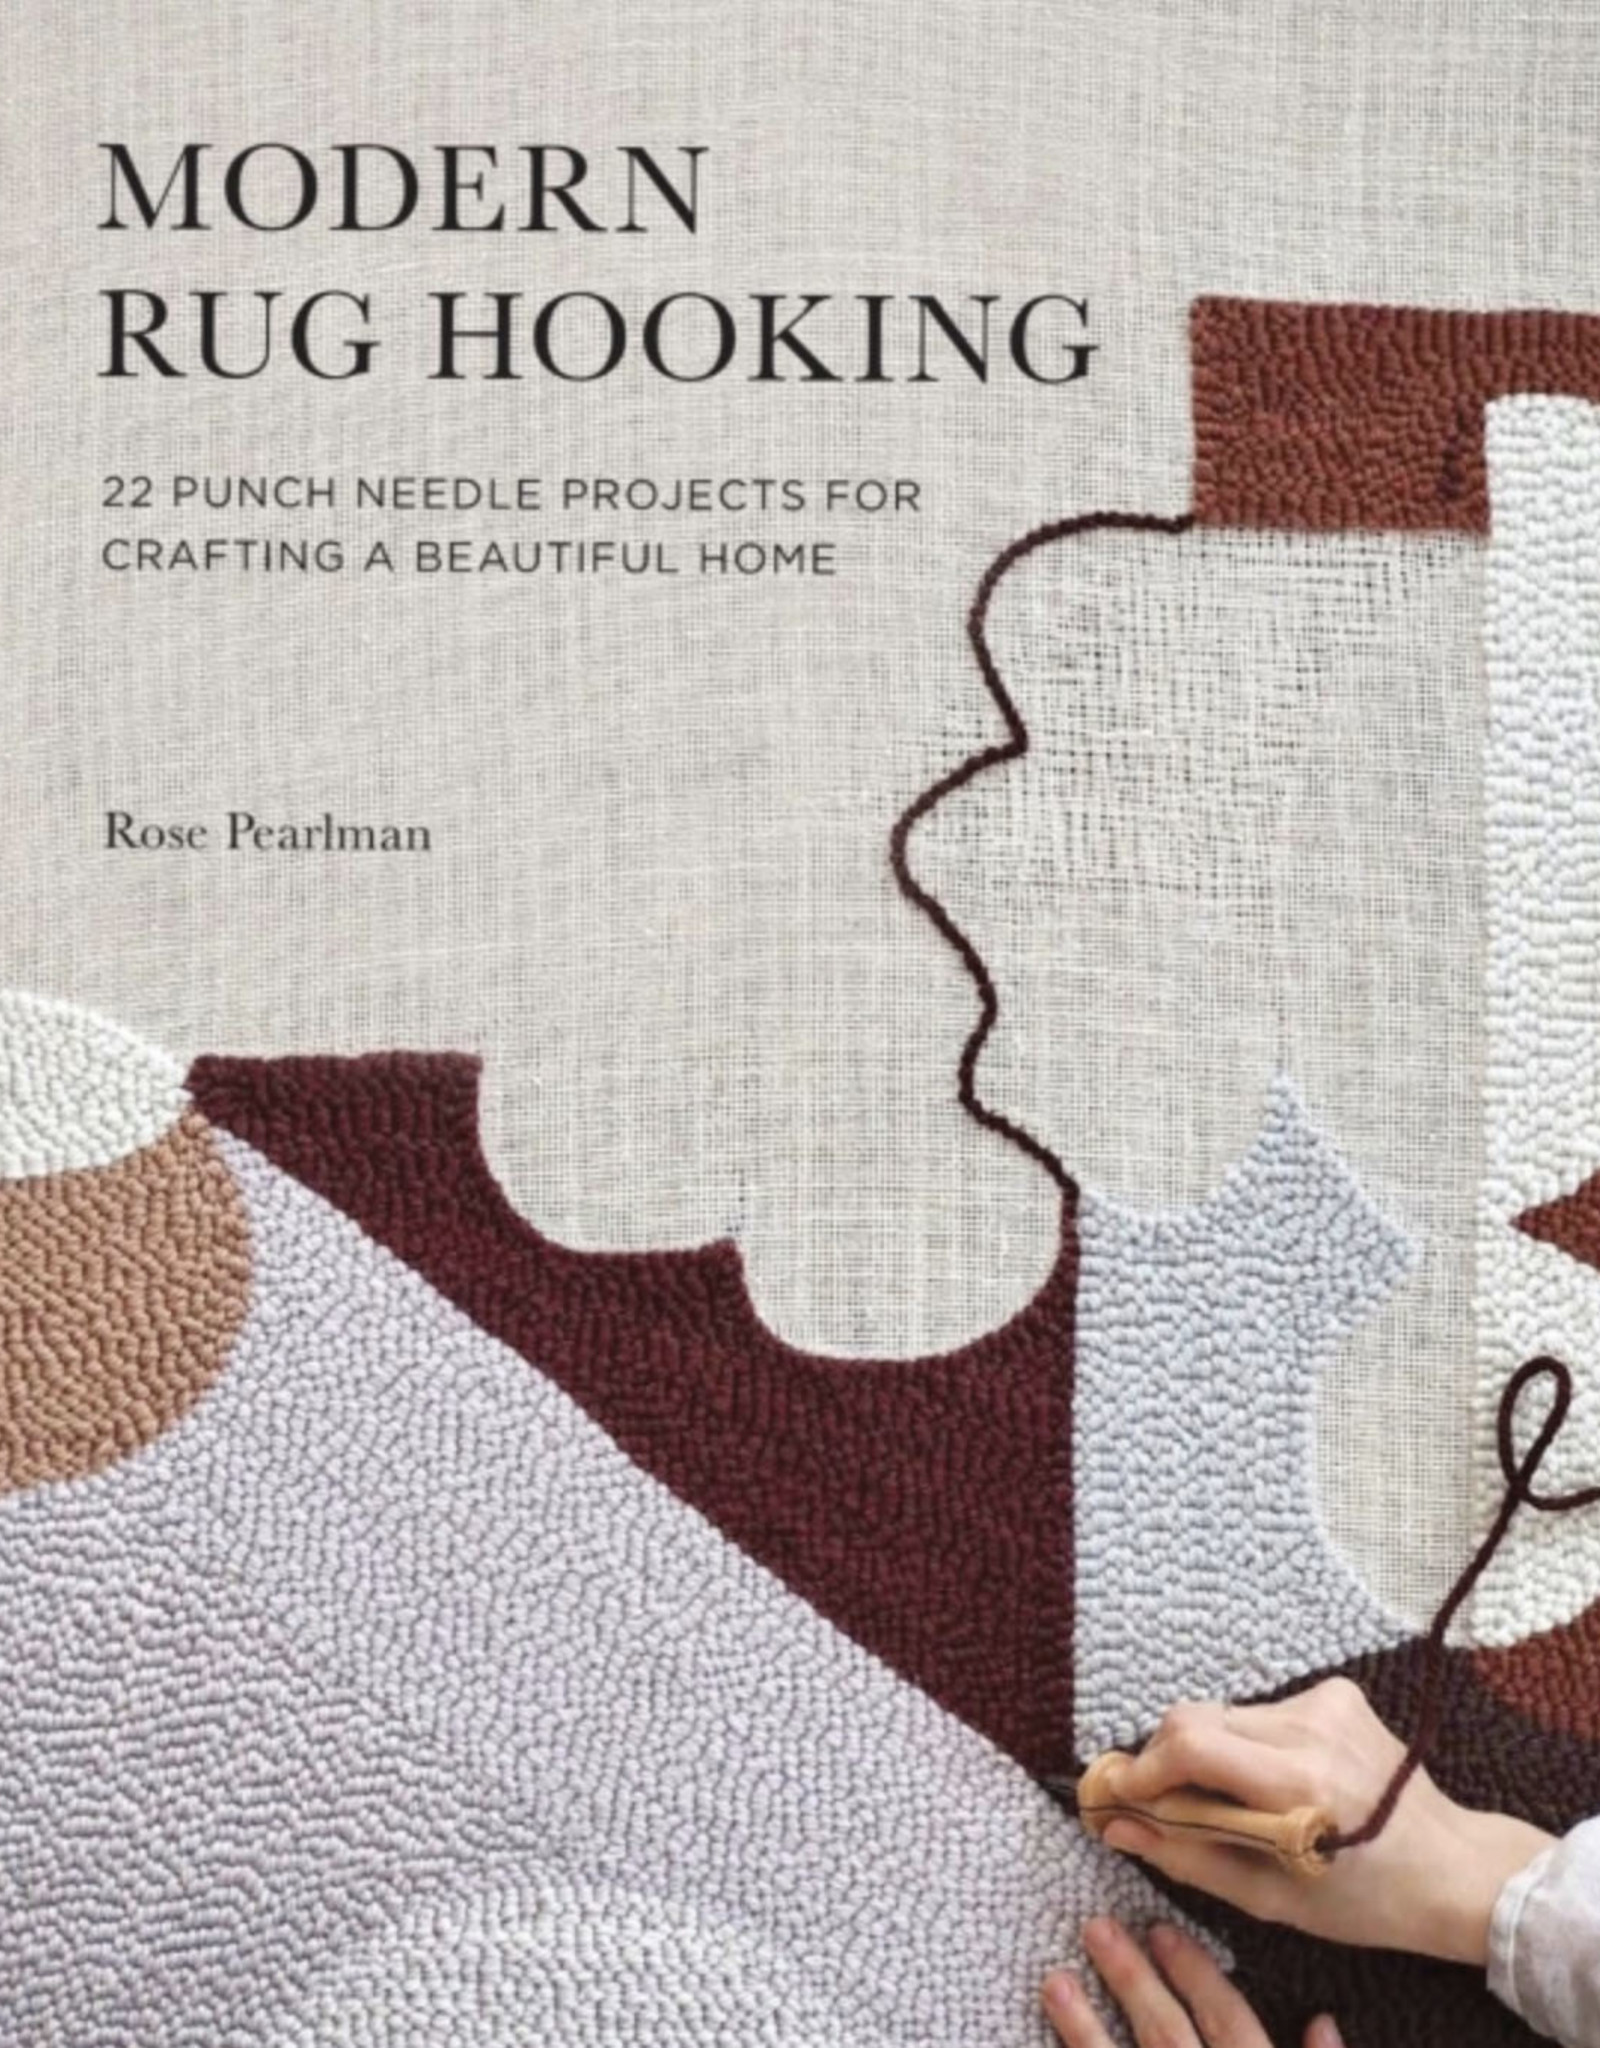 Modern Rug Hooking by Rose Pearlman